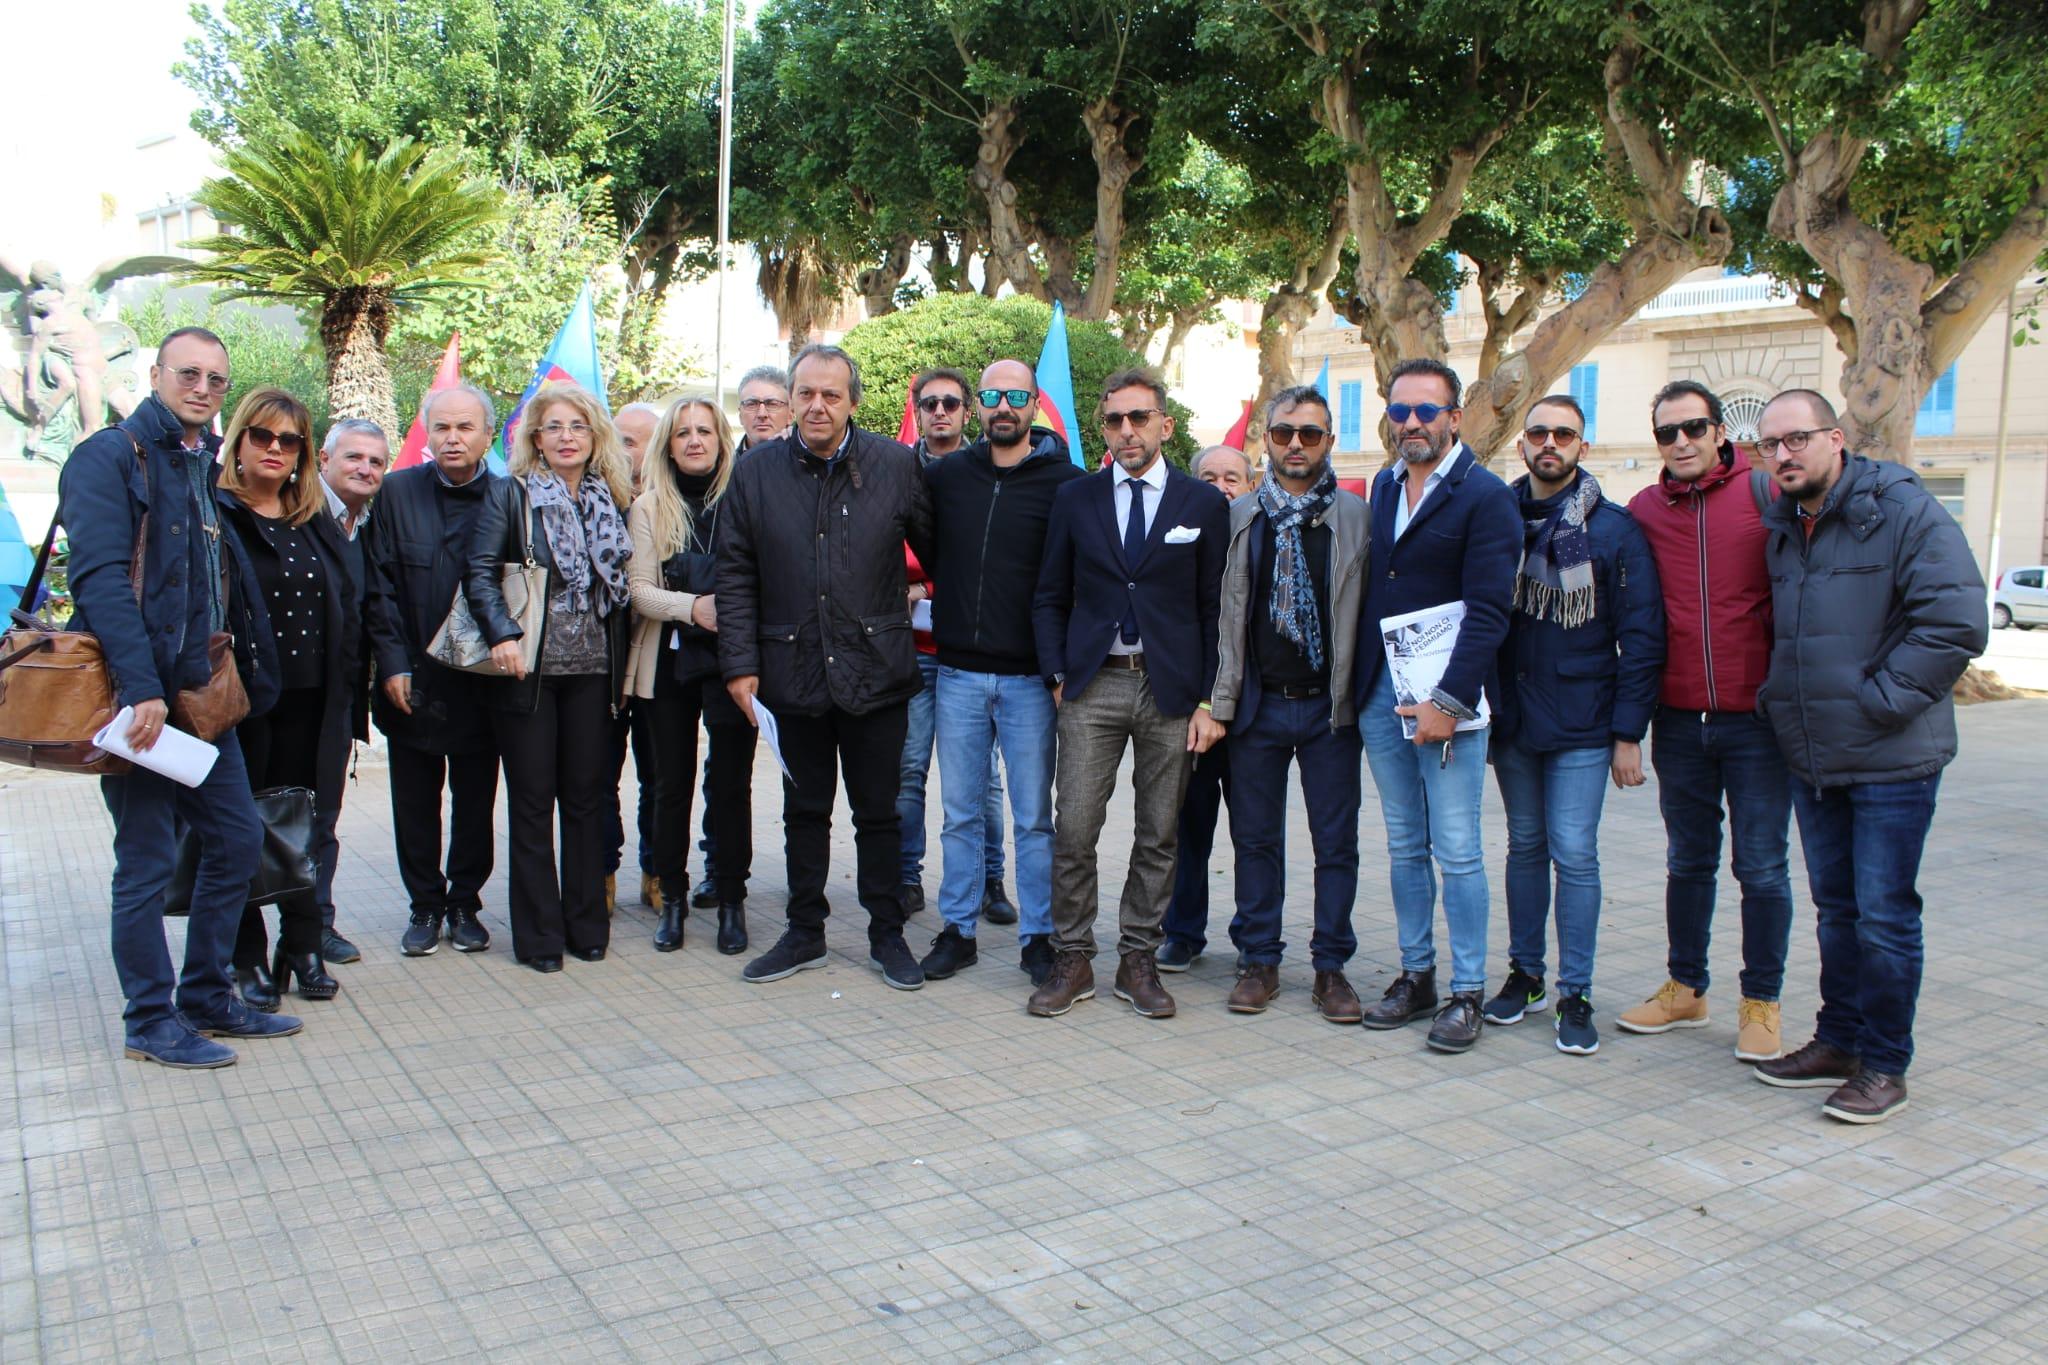 Crisi dell'edilizia. Protesta dei sindacati alla Prefettura di Trapani - Tp24